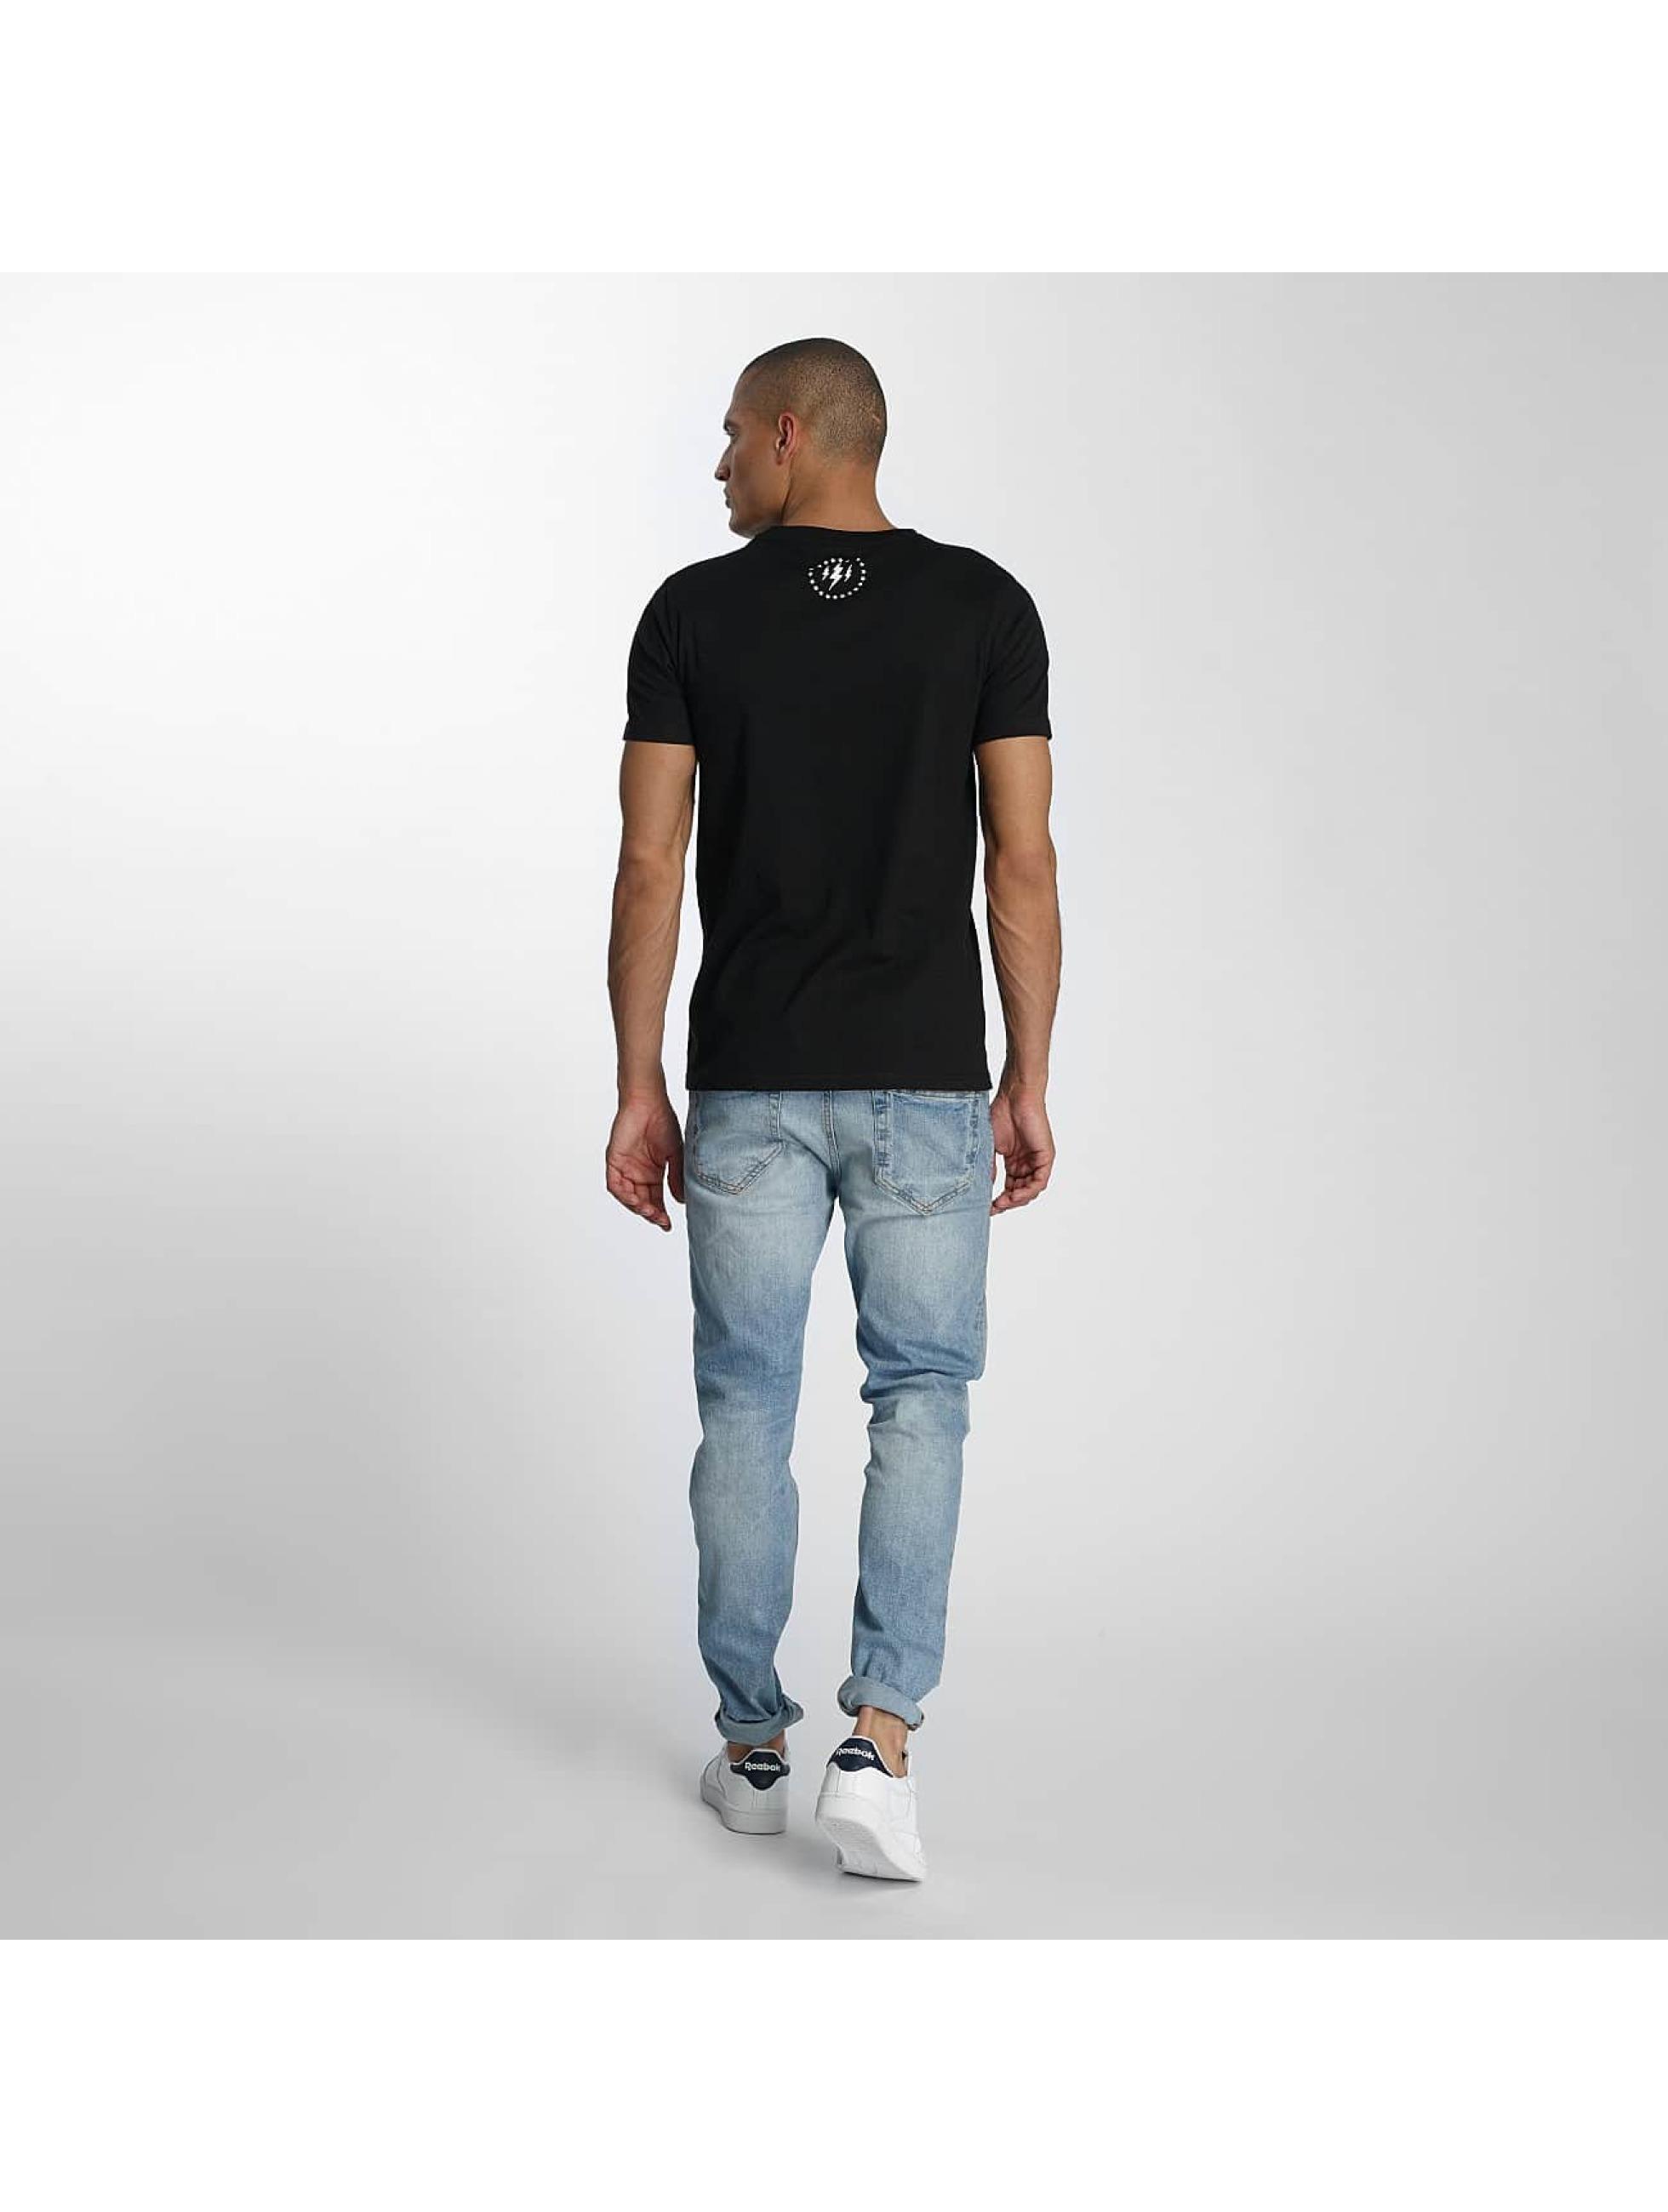 TrueSpin t-shirt 3 zwart